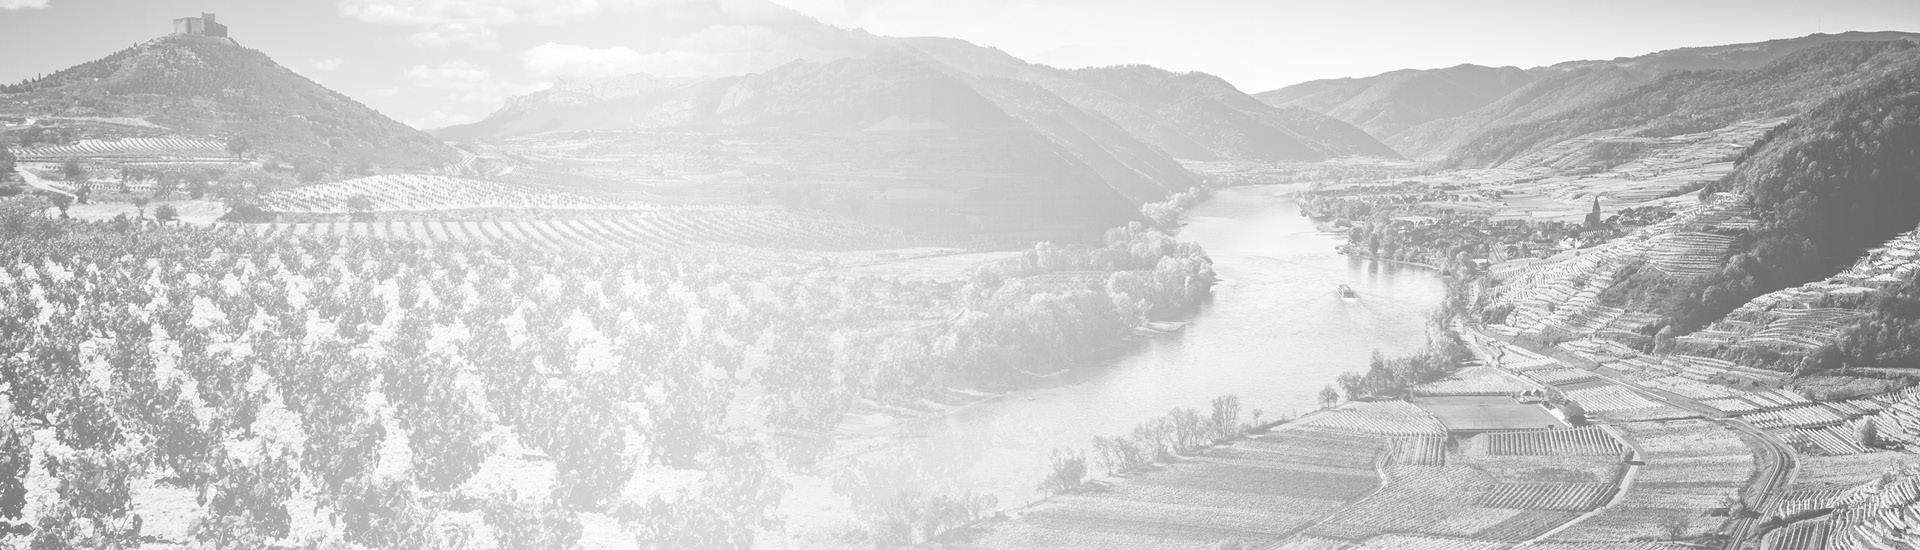 Weine - Vinorama Themen Pakete 04/2021 - Slider